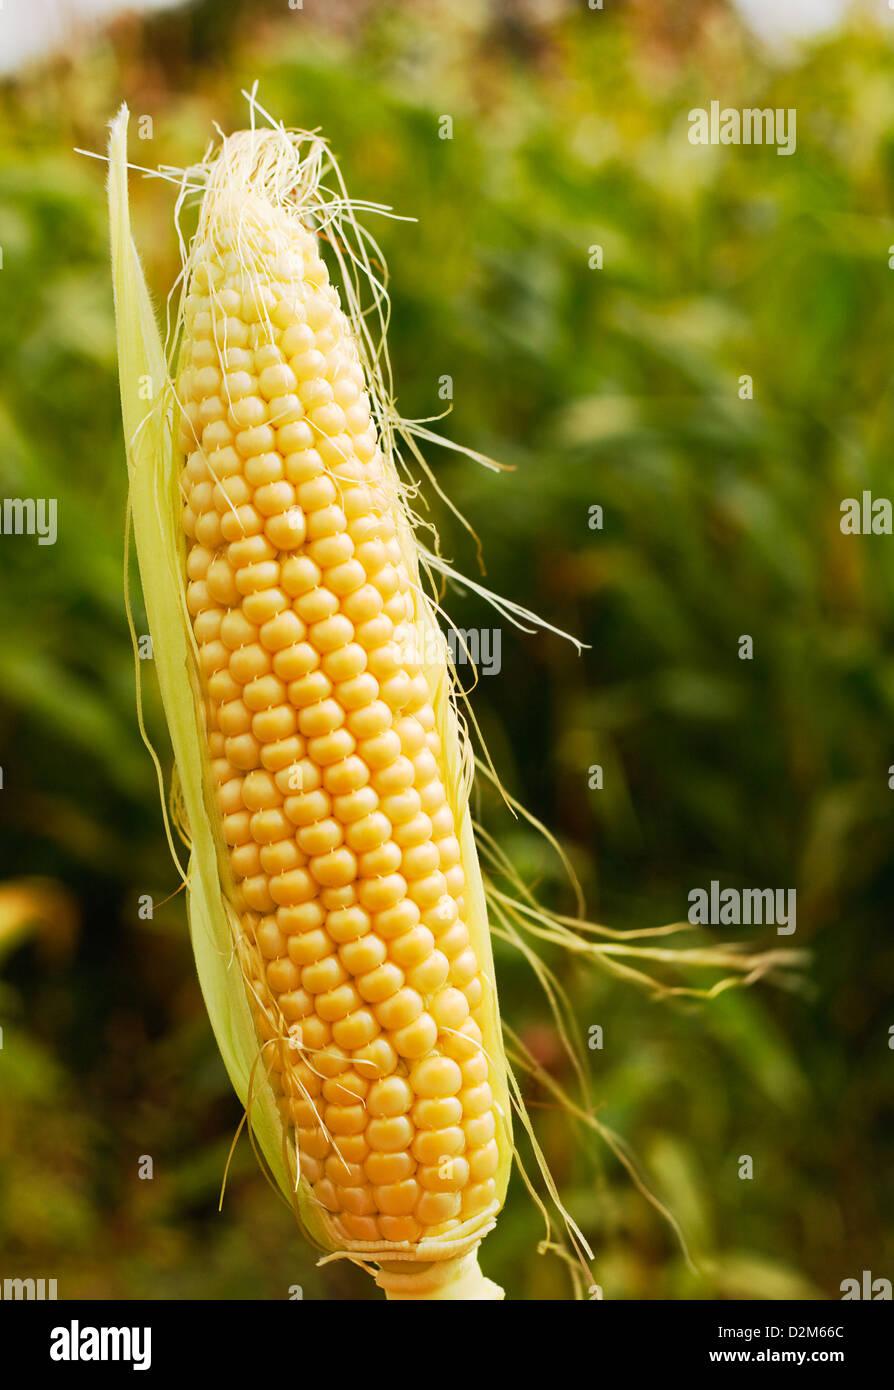 Épi de maïs ou de maïs d'une ferme ou d'aliments pour animaux génétiquement modifiés Photo Stock